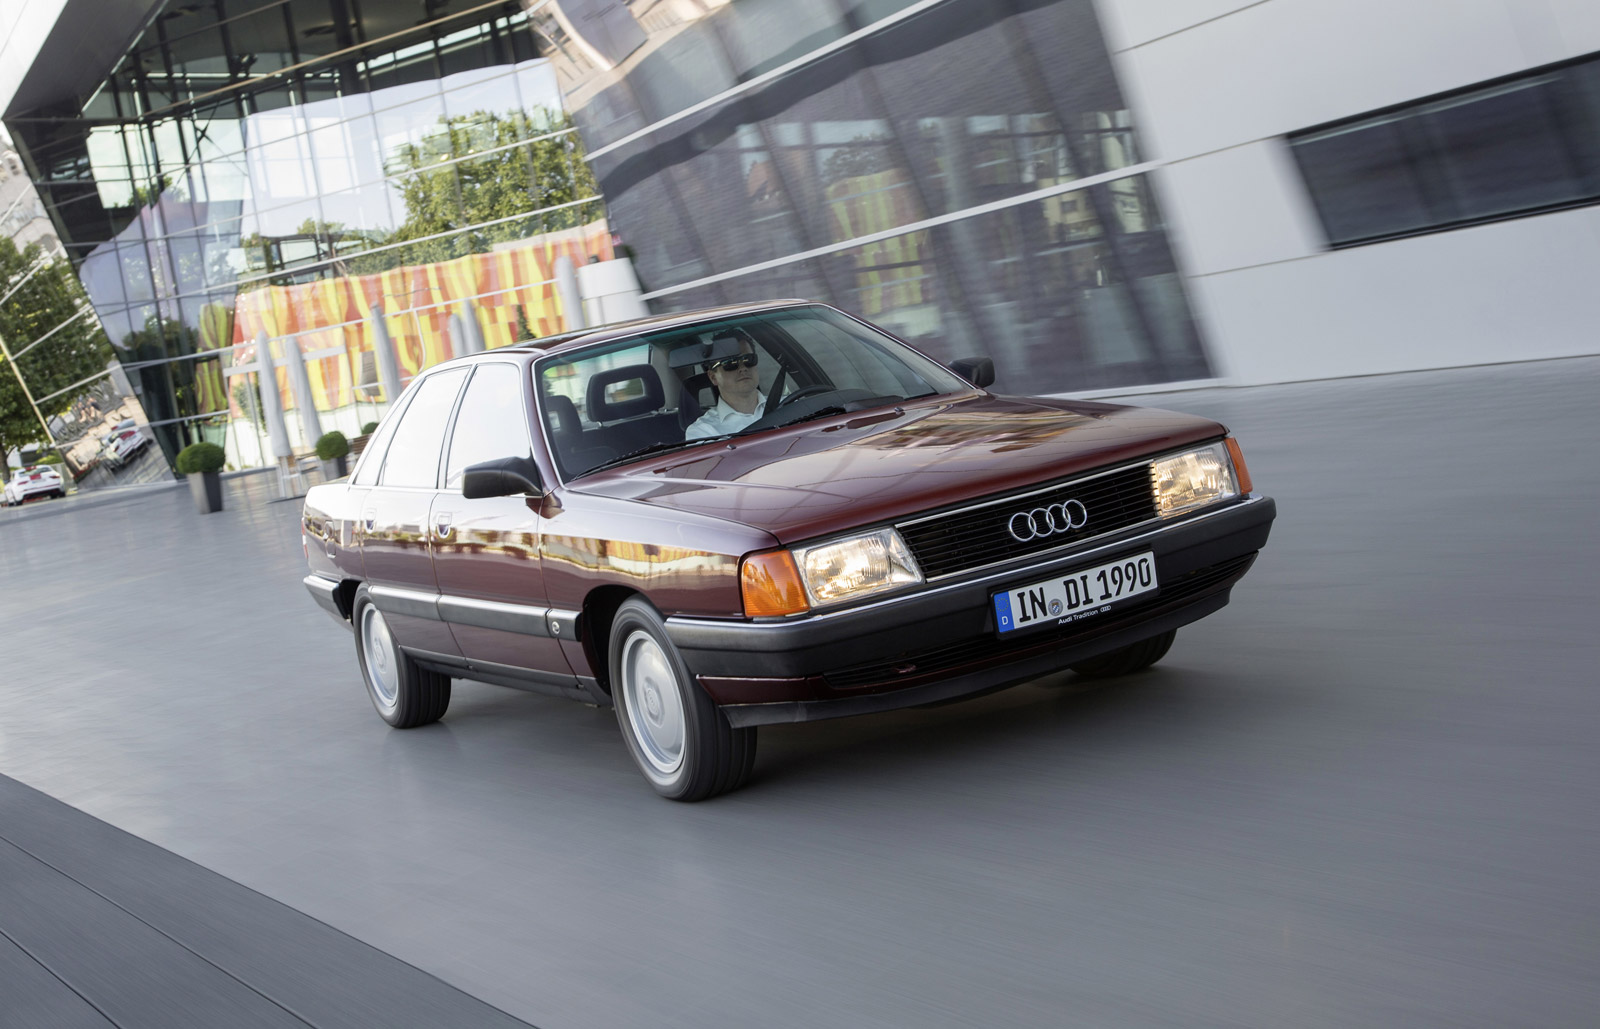 Audi Tdi Diesel Engines Honoring 25 Years Of Fuel Efficiency Lower Emissions